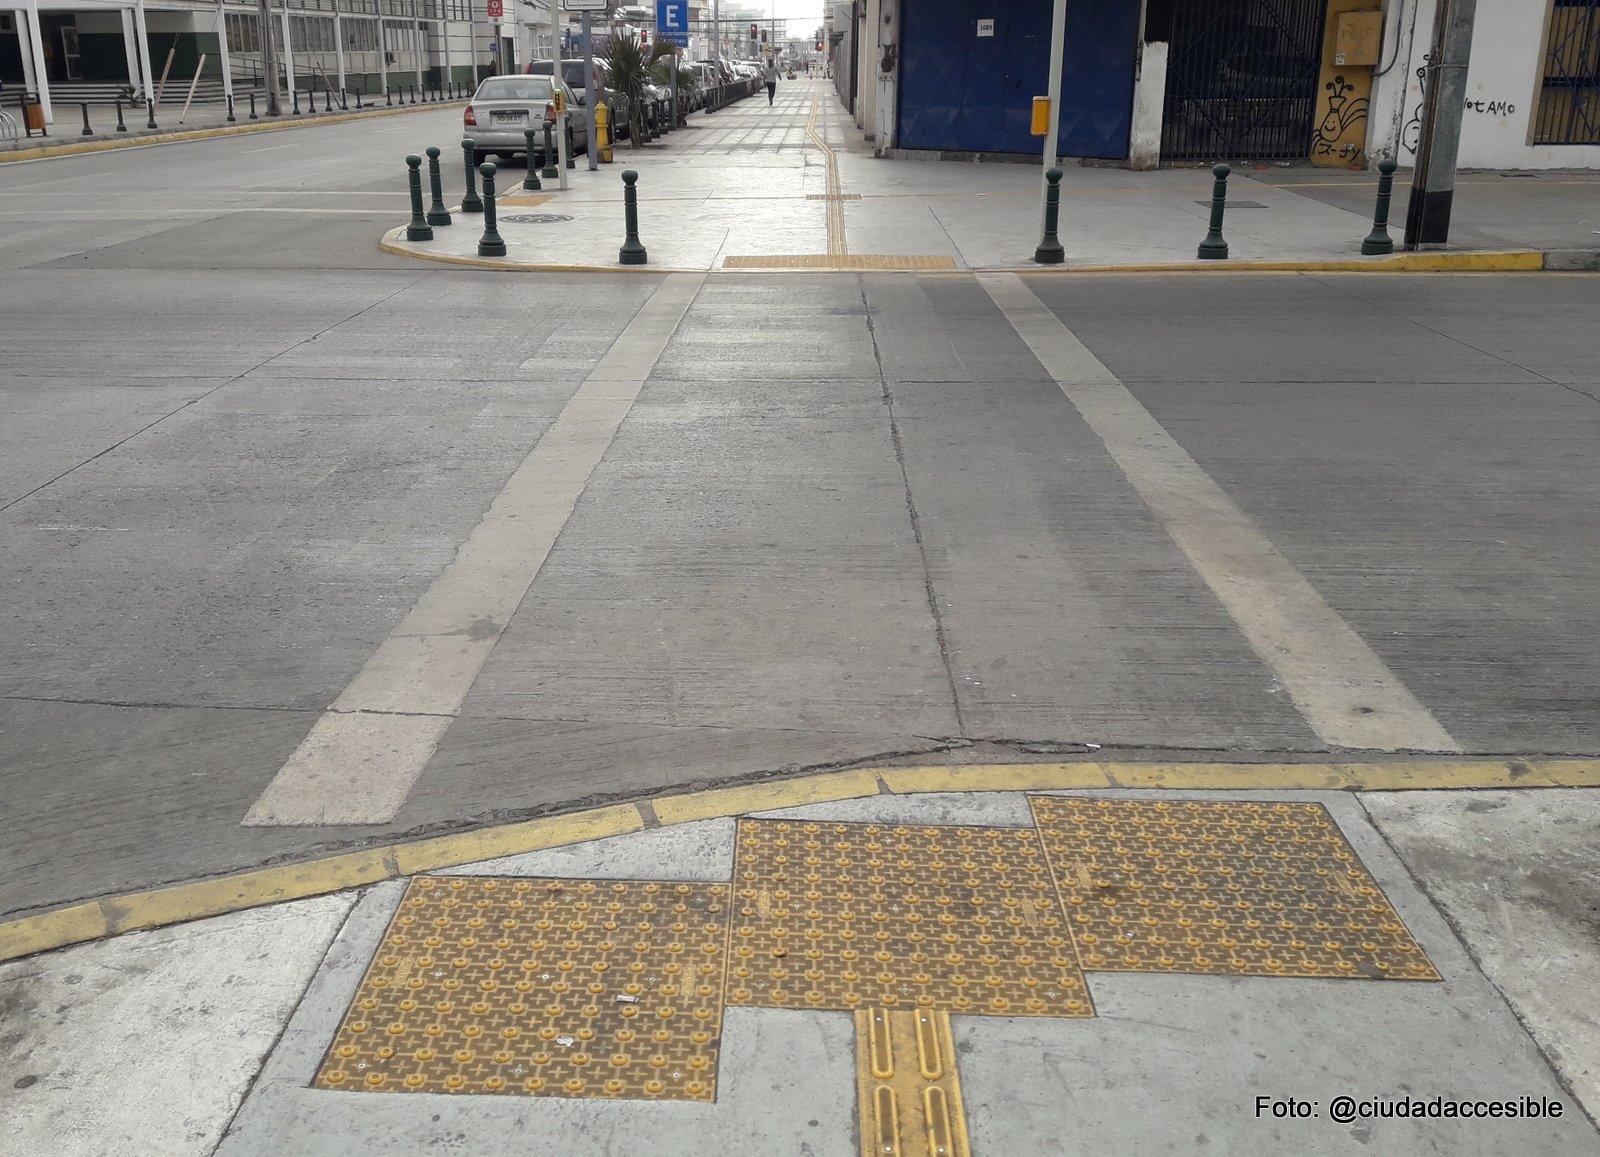 placa podotáctil de advertencia previa al cruce peatonal instalada sobre la rampa del rebaje en el encuentro con la calzada